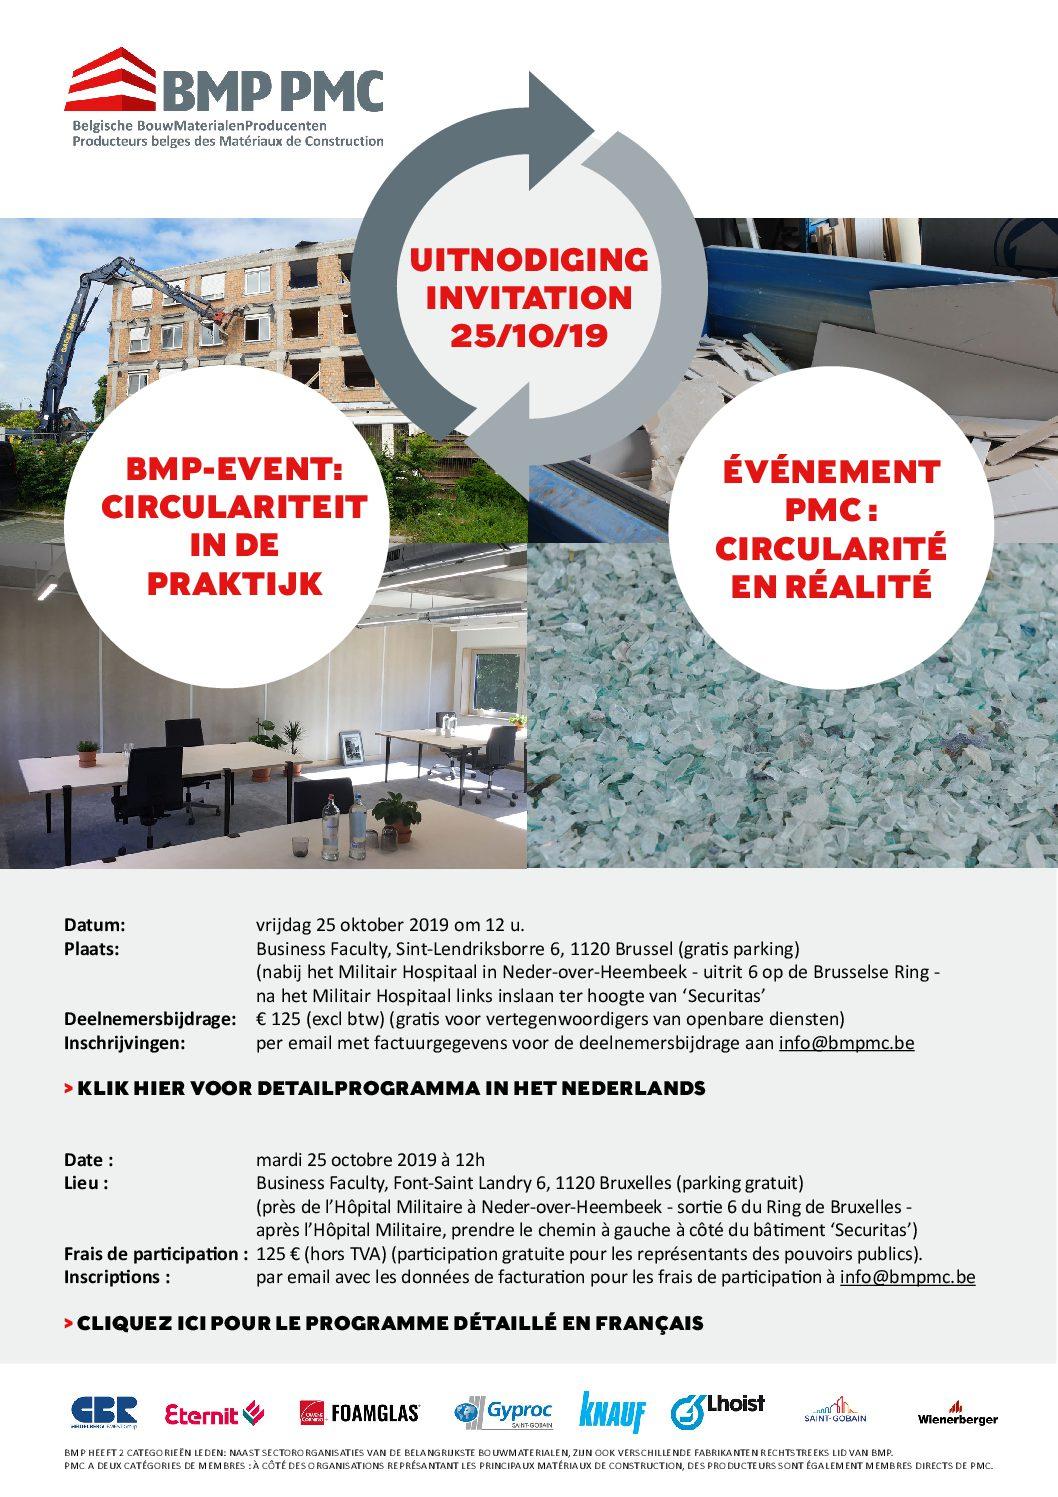 Jaarlijks event 25/10/2019